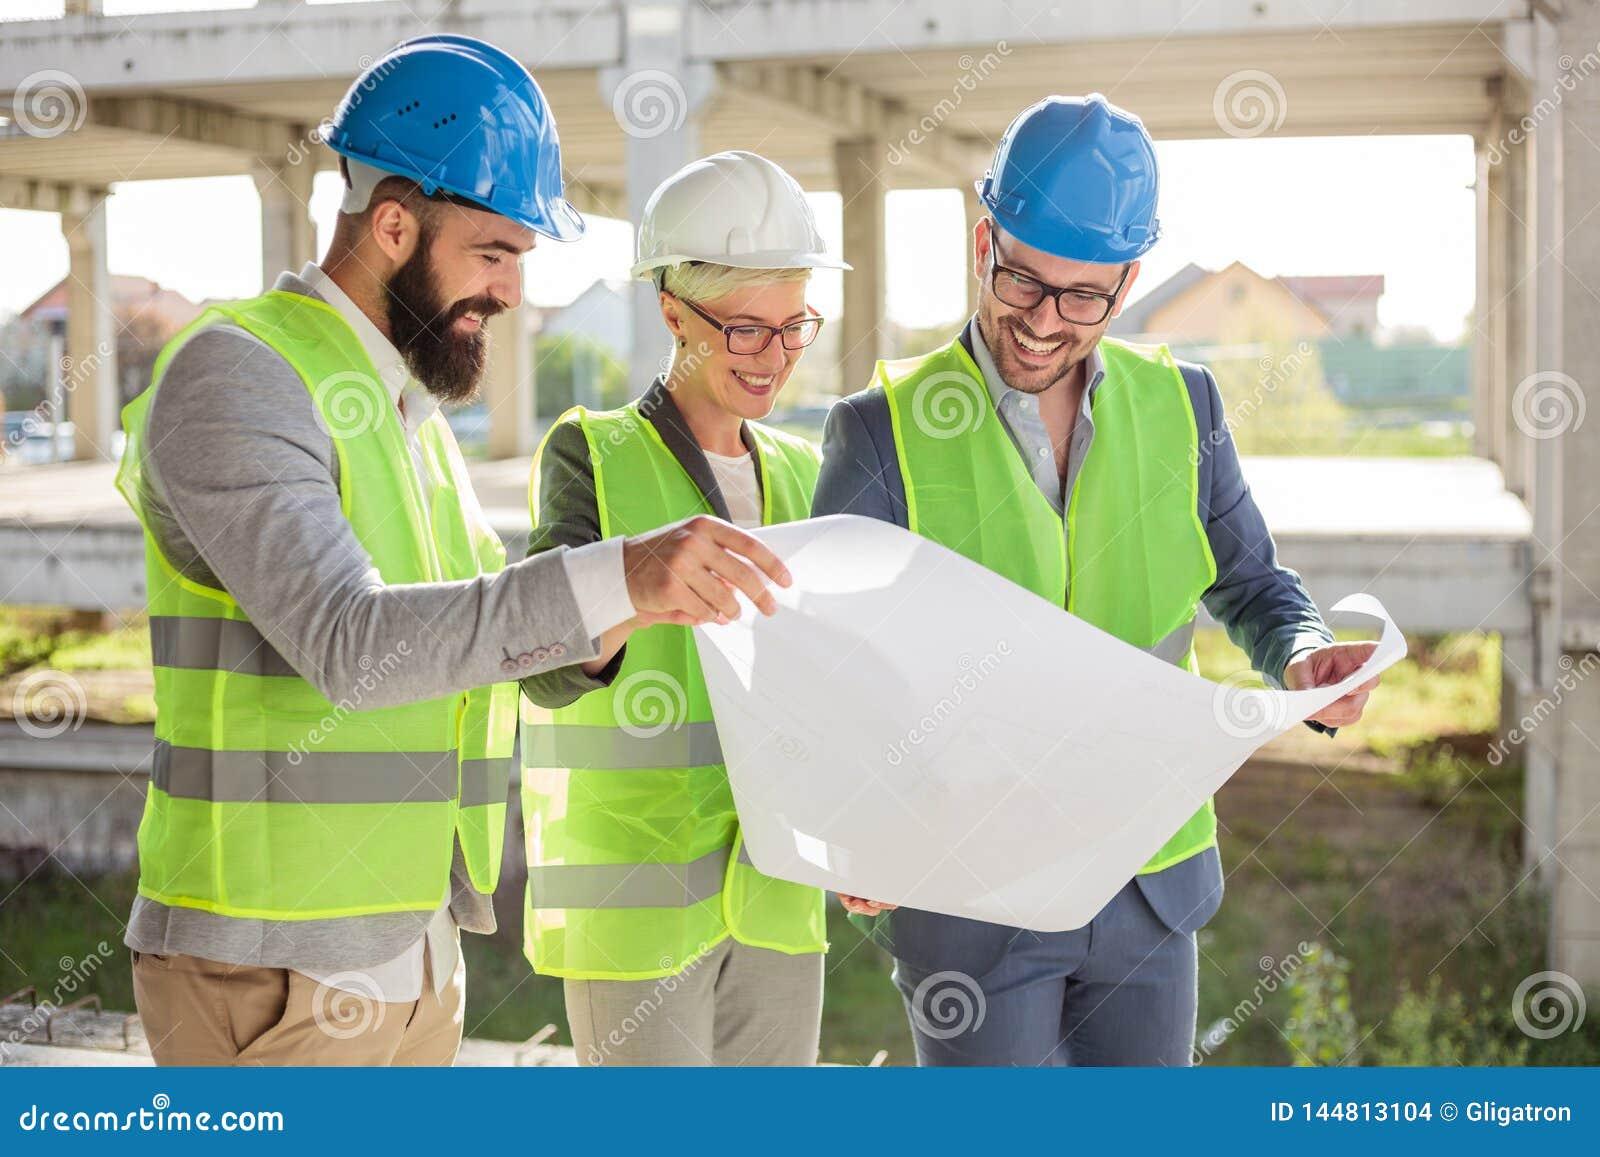 Groep architecten of partners die plattegronden op een bouwwerf bespreken